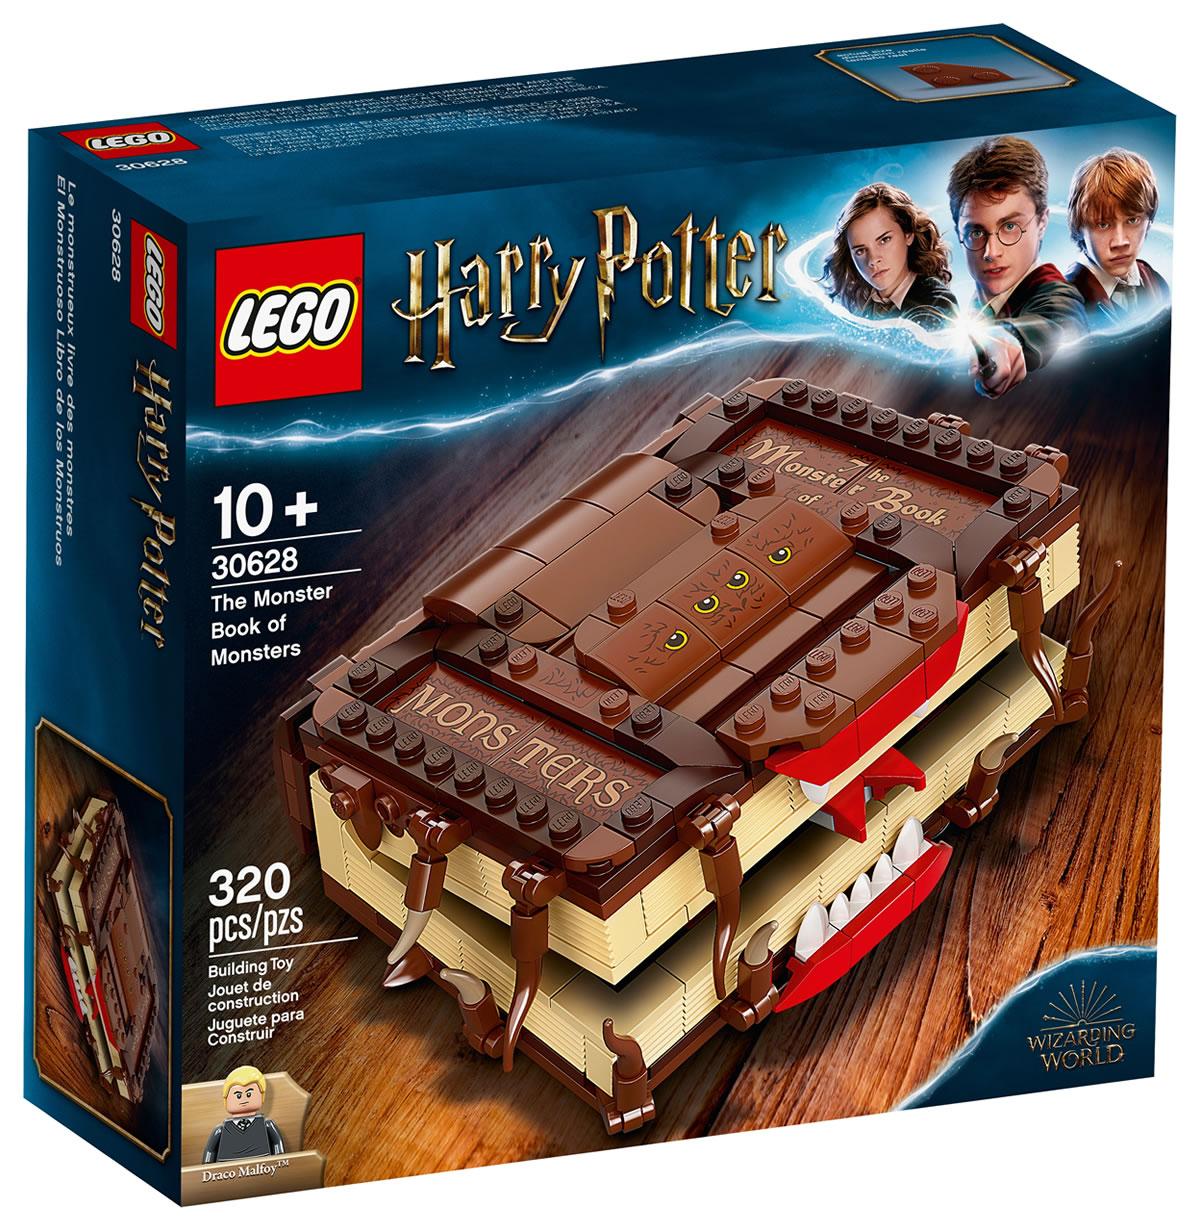 Lego Harry Potter 30628 Le monstrueux livre des monstres offert + Le Lego 40416 La patinoire